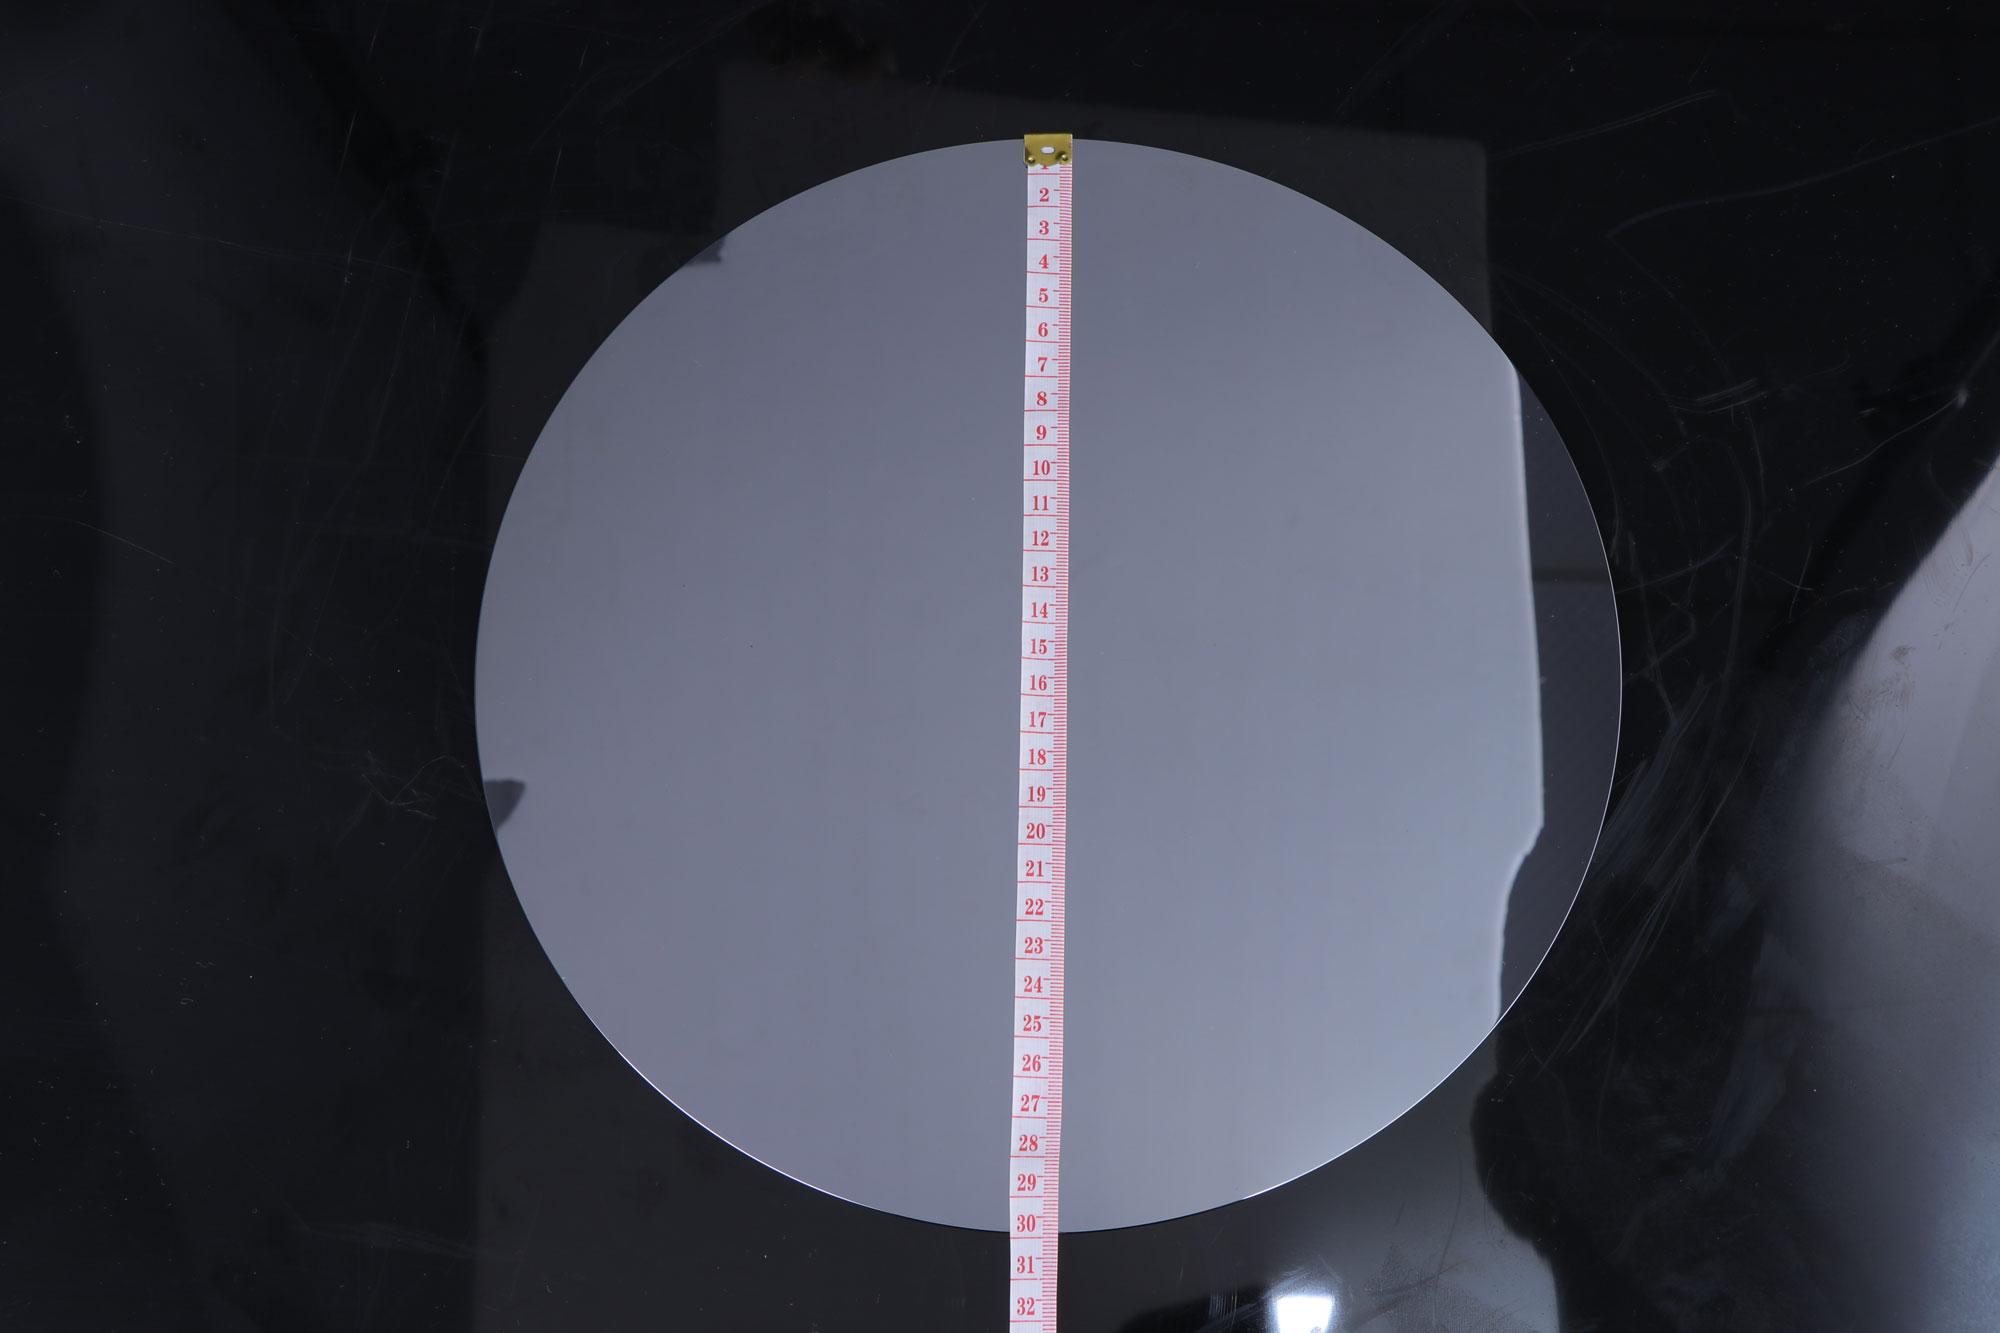 12寸单晶硅片加工再生晶圆 如何买***的12英寸半导体单晶硅抛光片